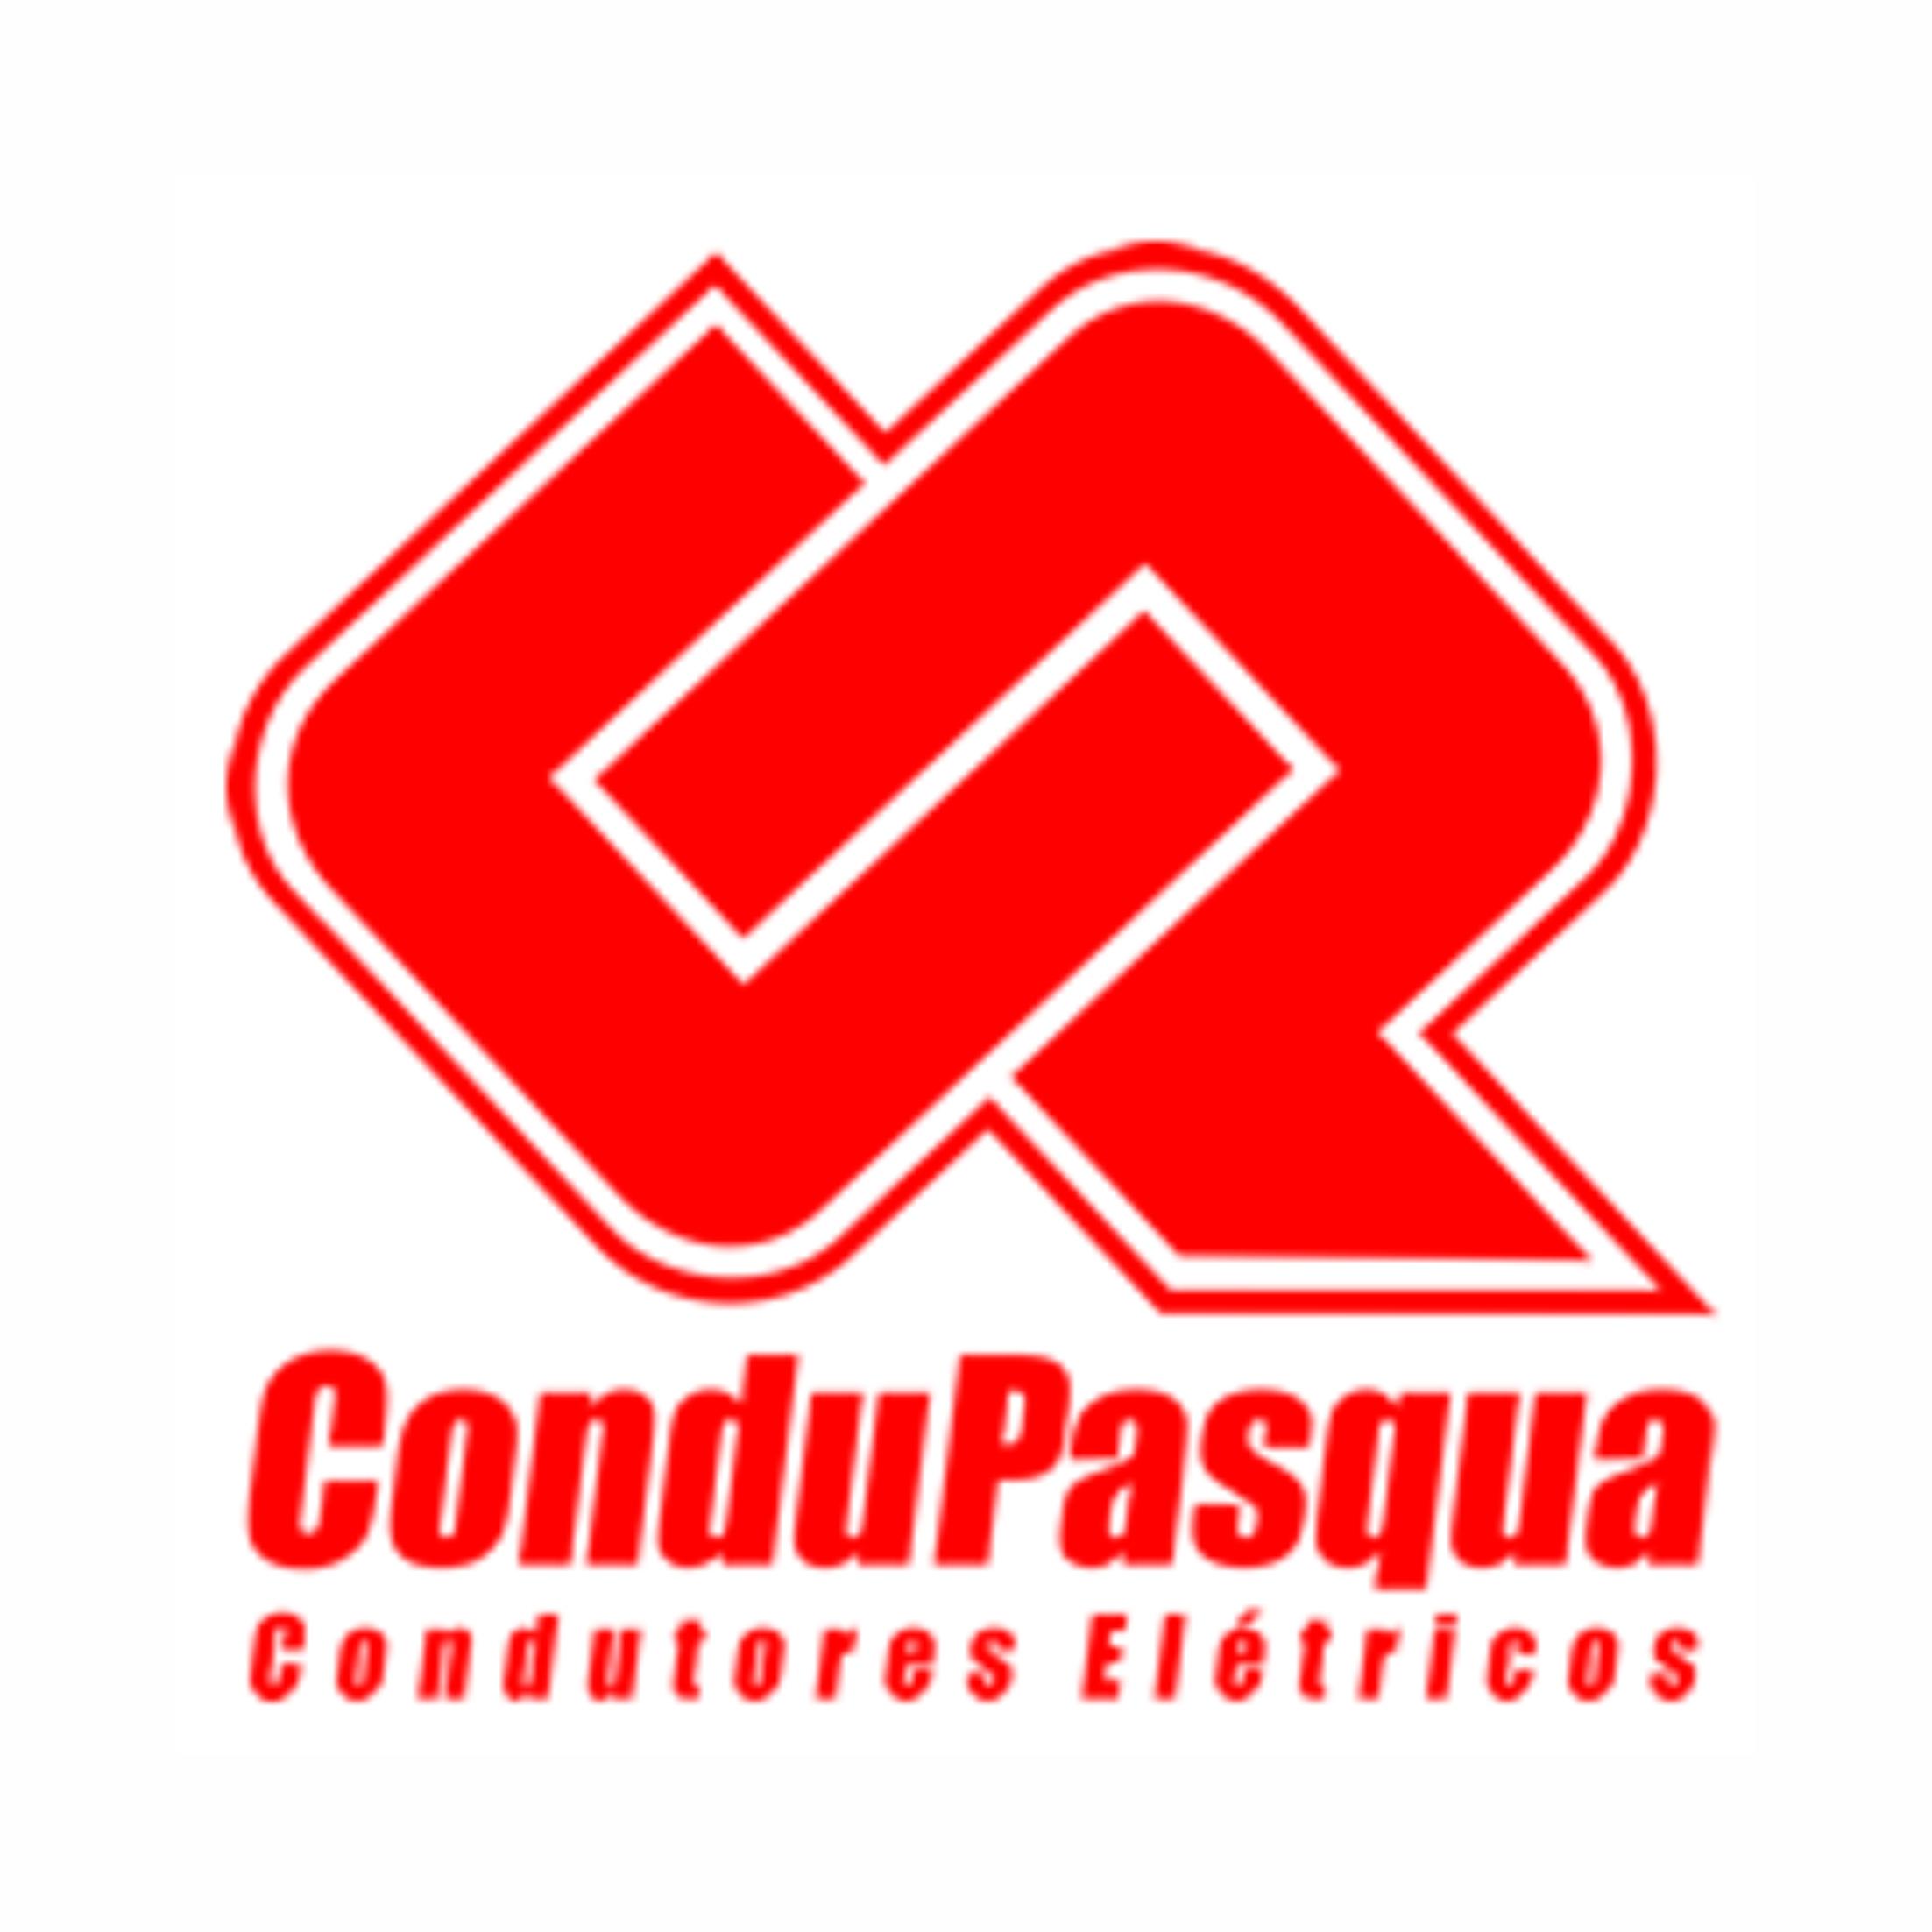 Condupasqua